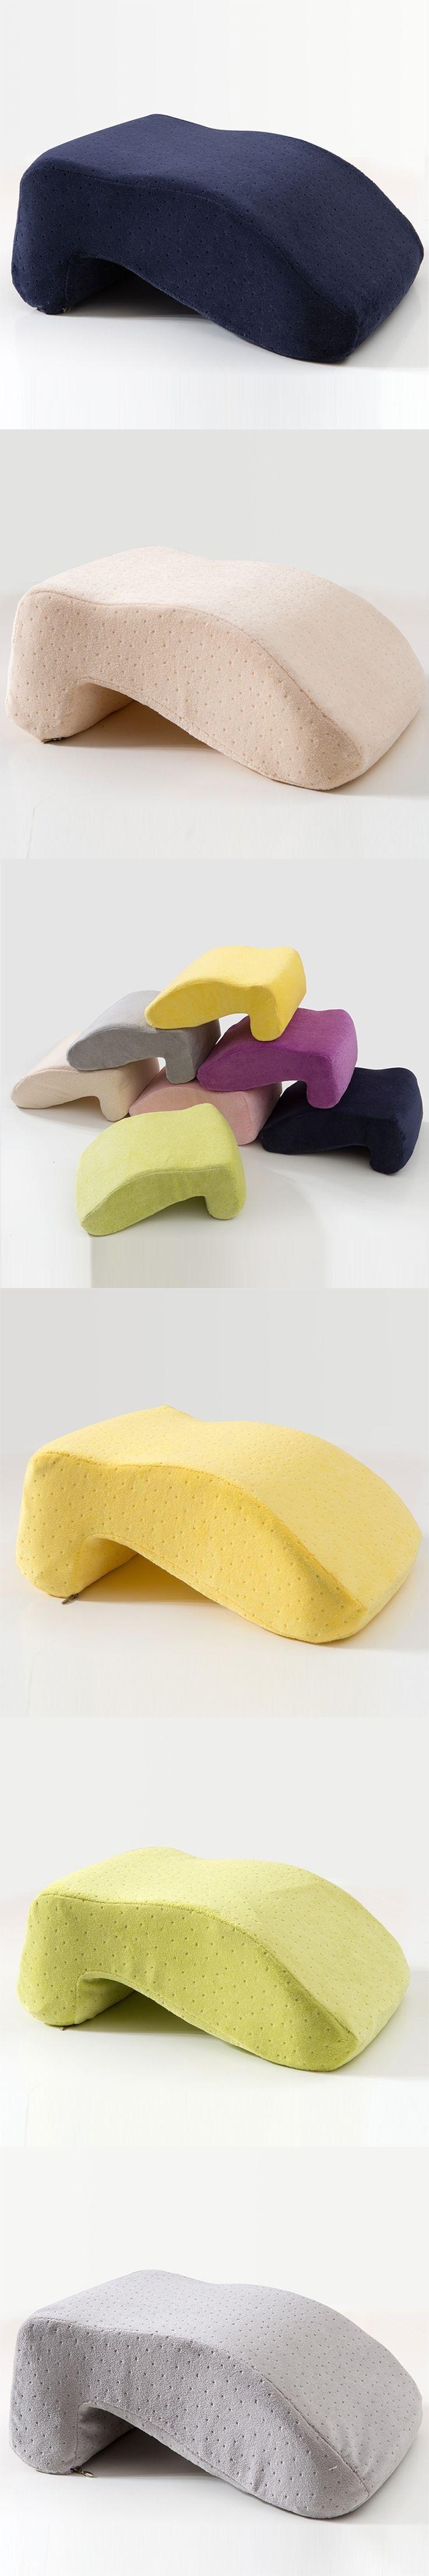 3a2b0ac5b1a41aa48cf7272924be1713 Incroyable De Coussin Pour Canapé Palette Concept